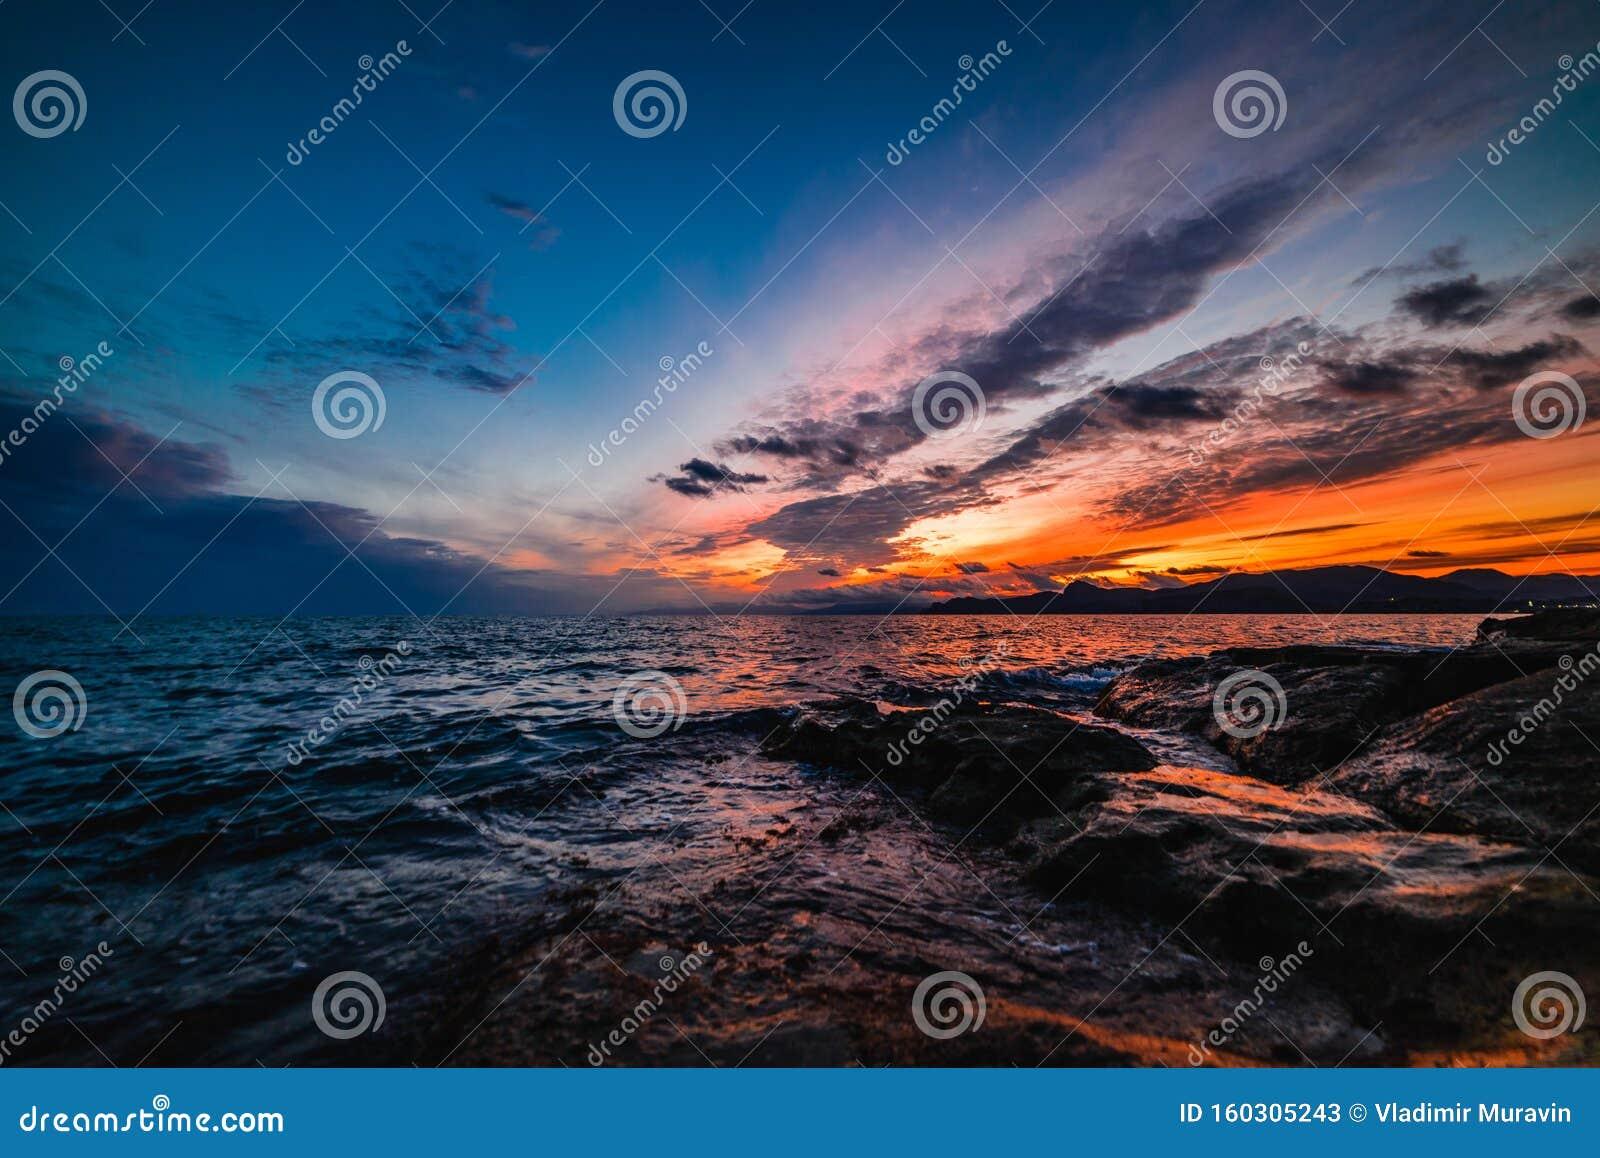 Coucher De Soleil Sur La Mer Dans Les Tons Bleus Image Stock